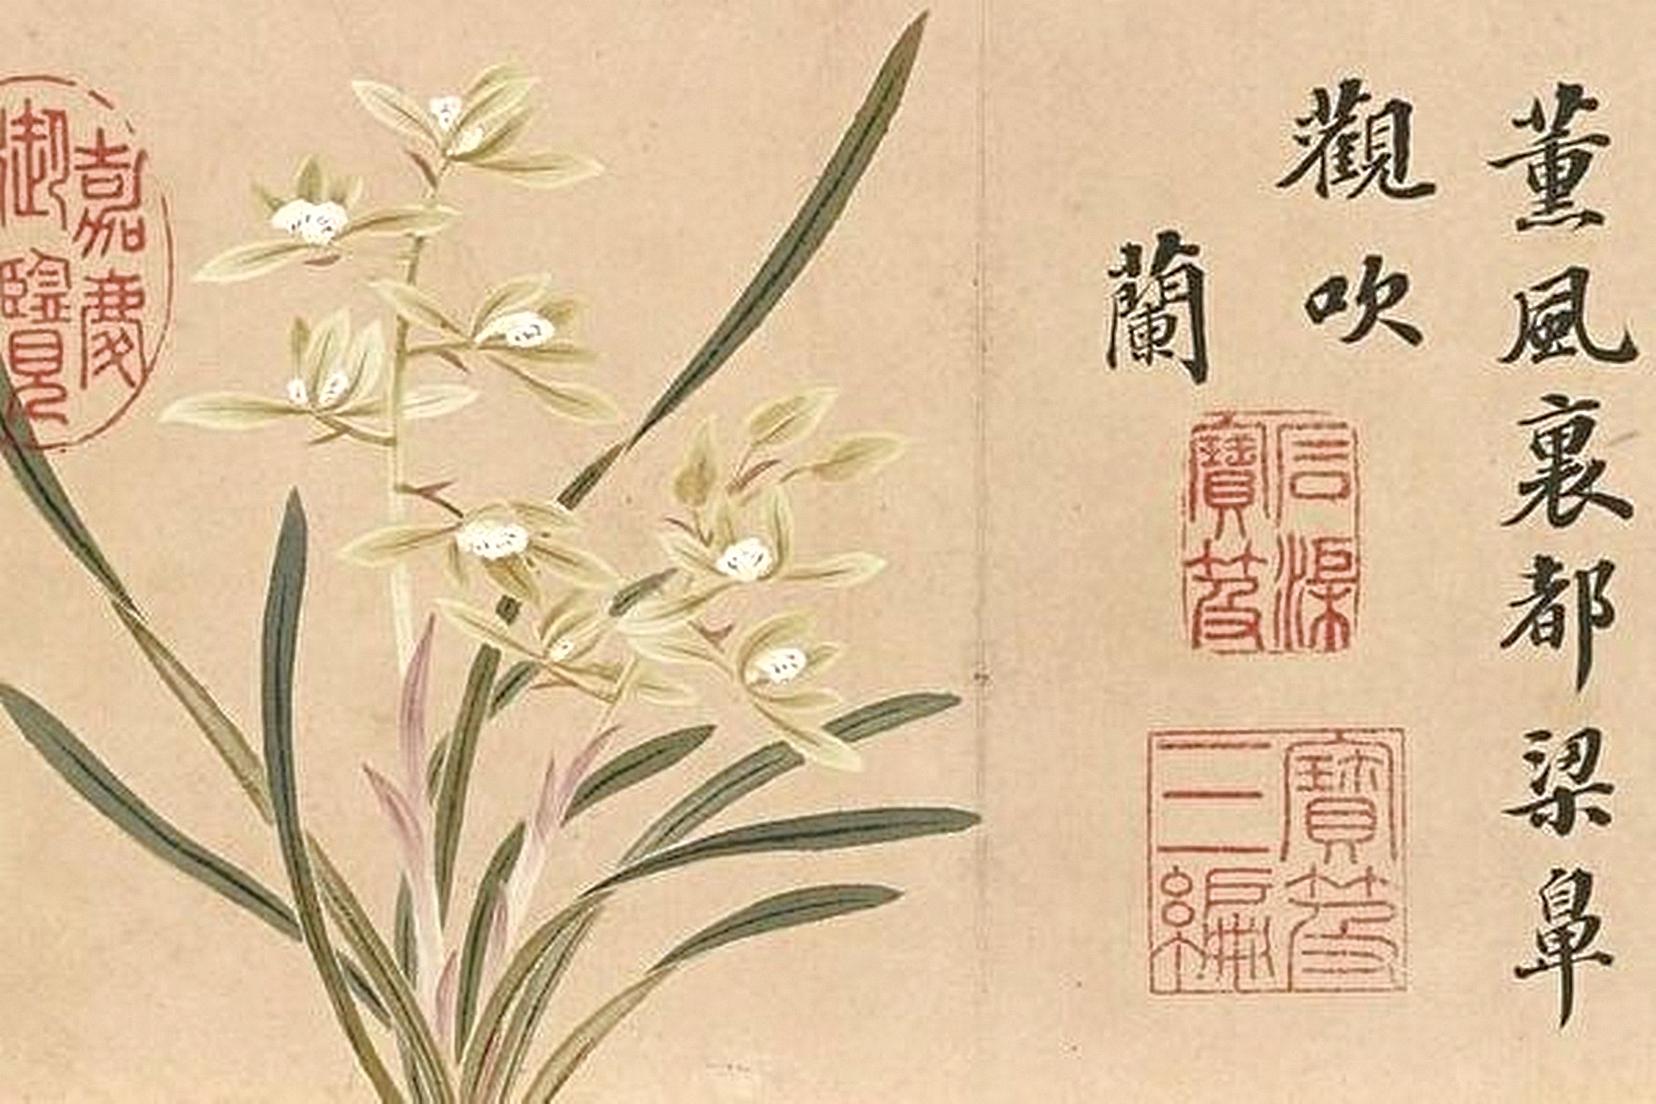 薰風動蘭月,牽動中華文化裡幽幽傳香的孝親情懷。圖為清‧錢維城繪《花卉御題八香圖冊 蘭花》。(台北故宮博物院藏)